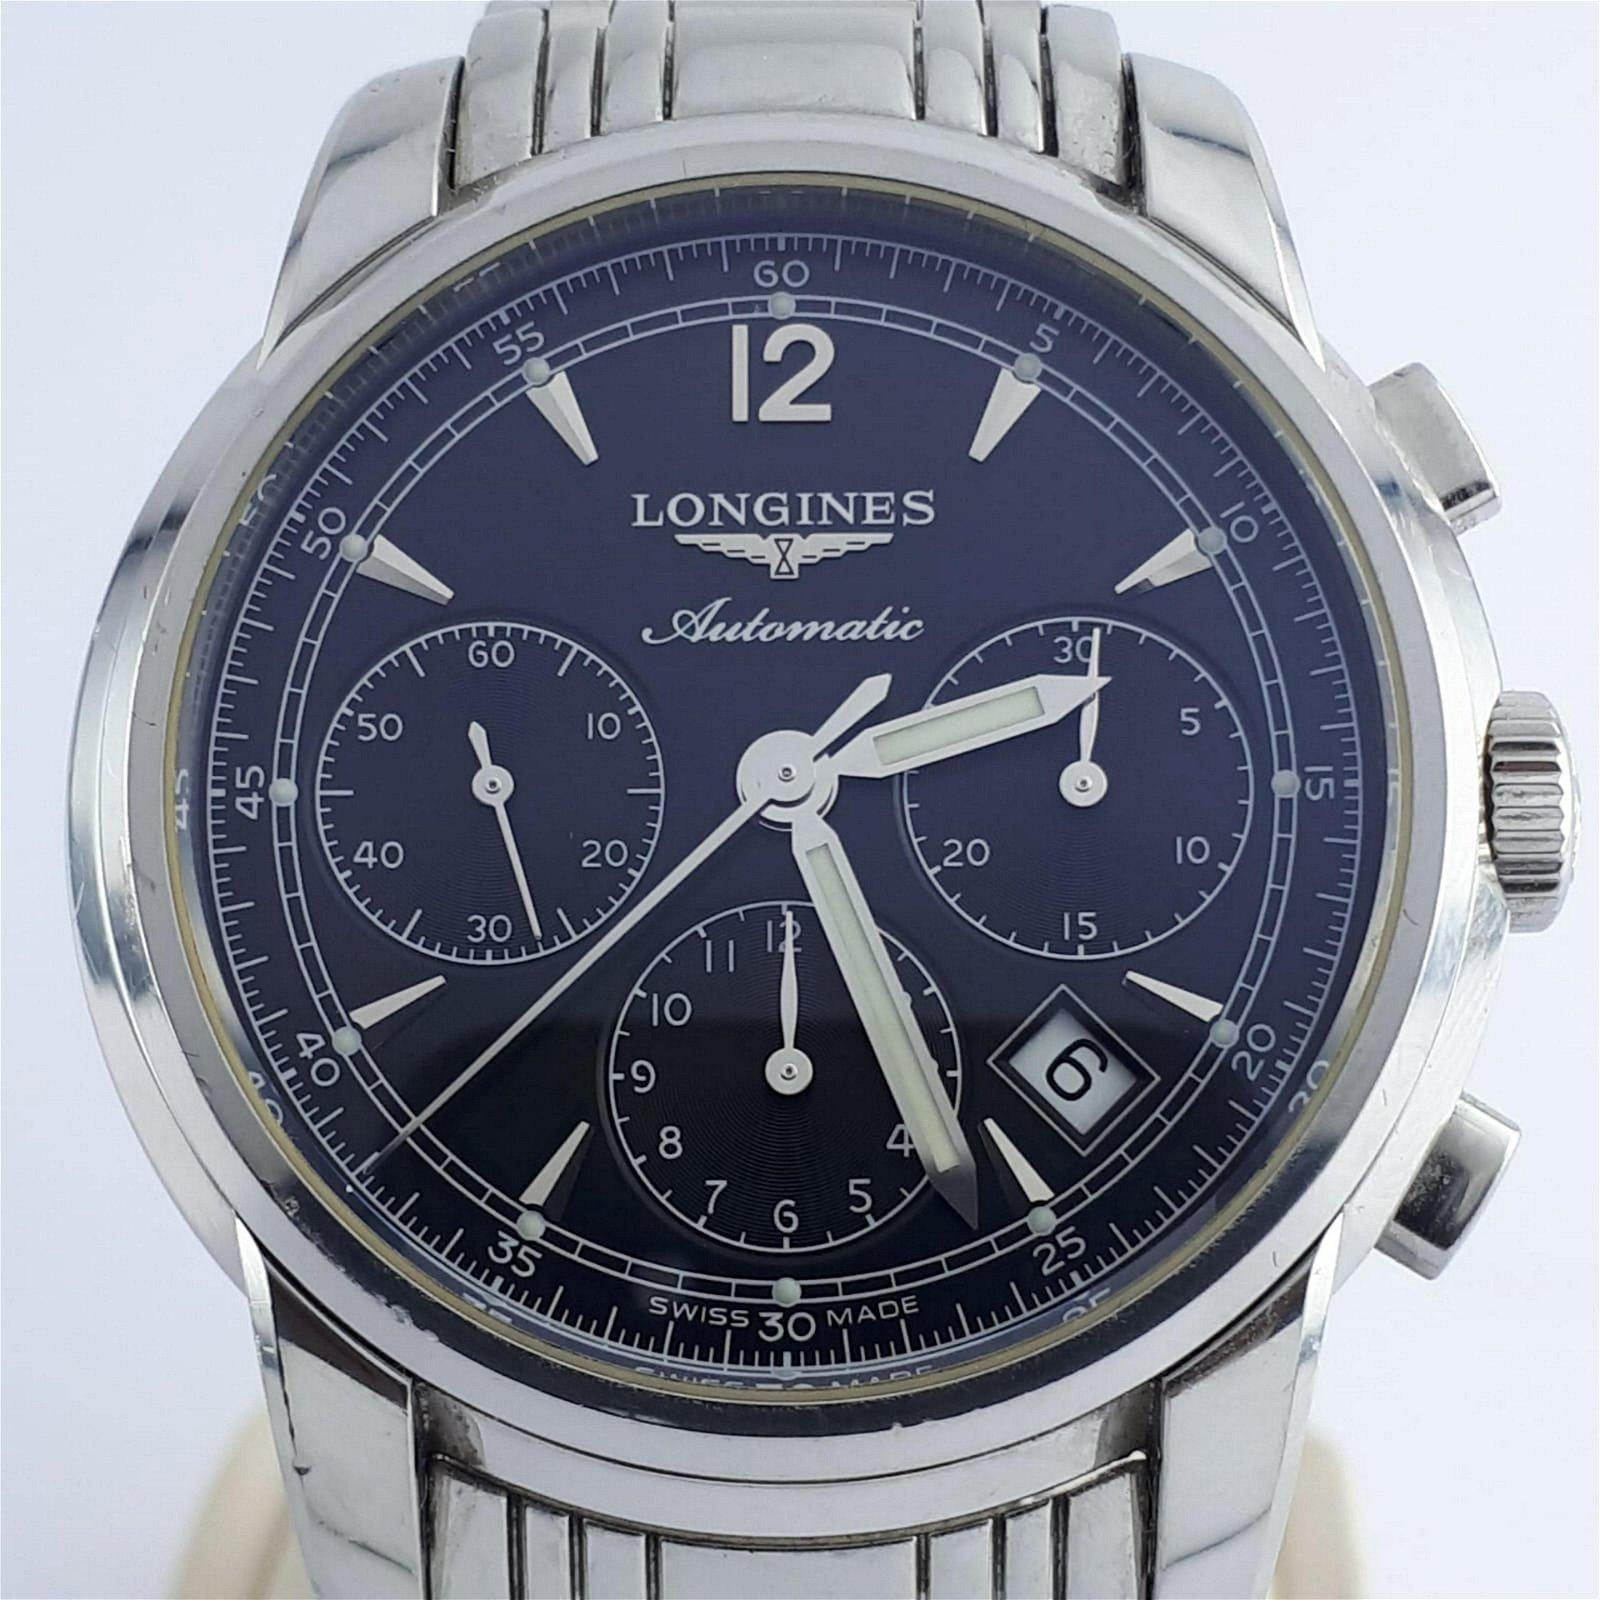 Longines - Saint-imier Automatic Chronograph - L2.752.4